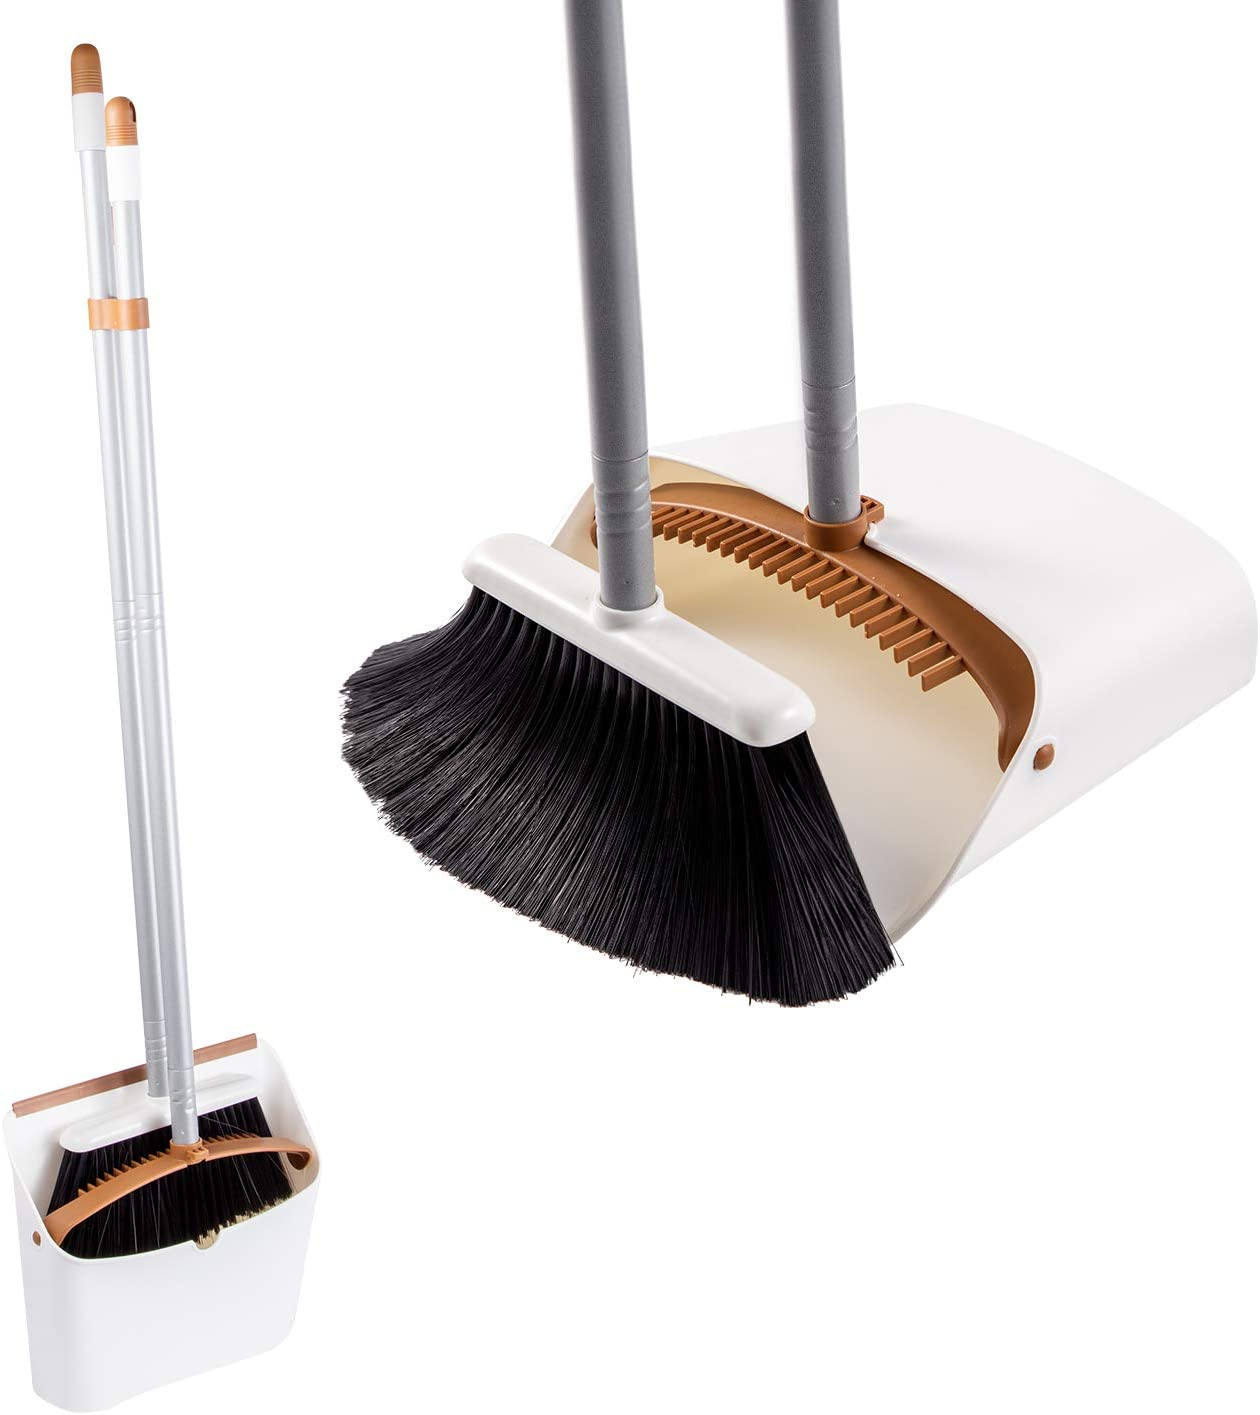 Jekayla Escoba y recogedor, barredora y recogedora de Polvo Combinados con una manija Extensible de 137 cm de Largo para el Barrido de Limpieza del hogar, Marrón-Blanco